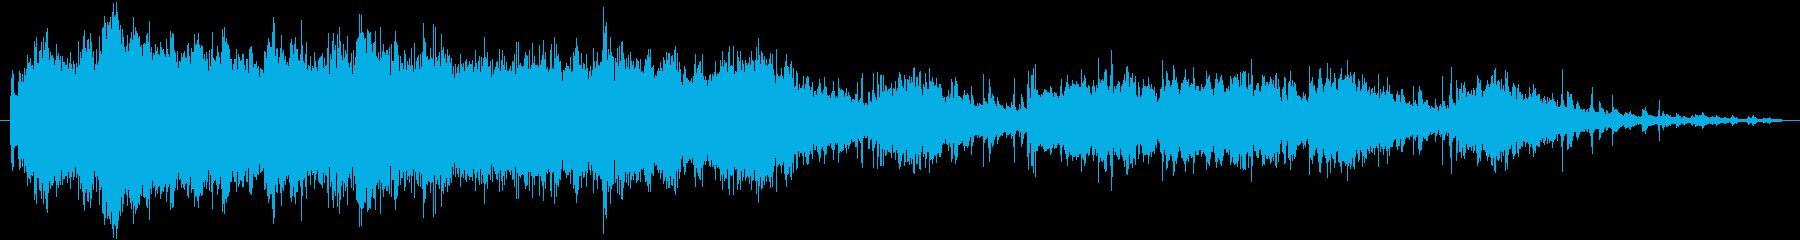 キラキラ夜空のような神秘的なSEの再生済みの波形